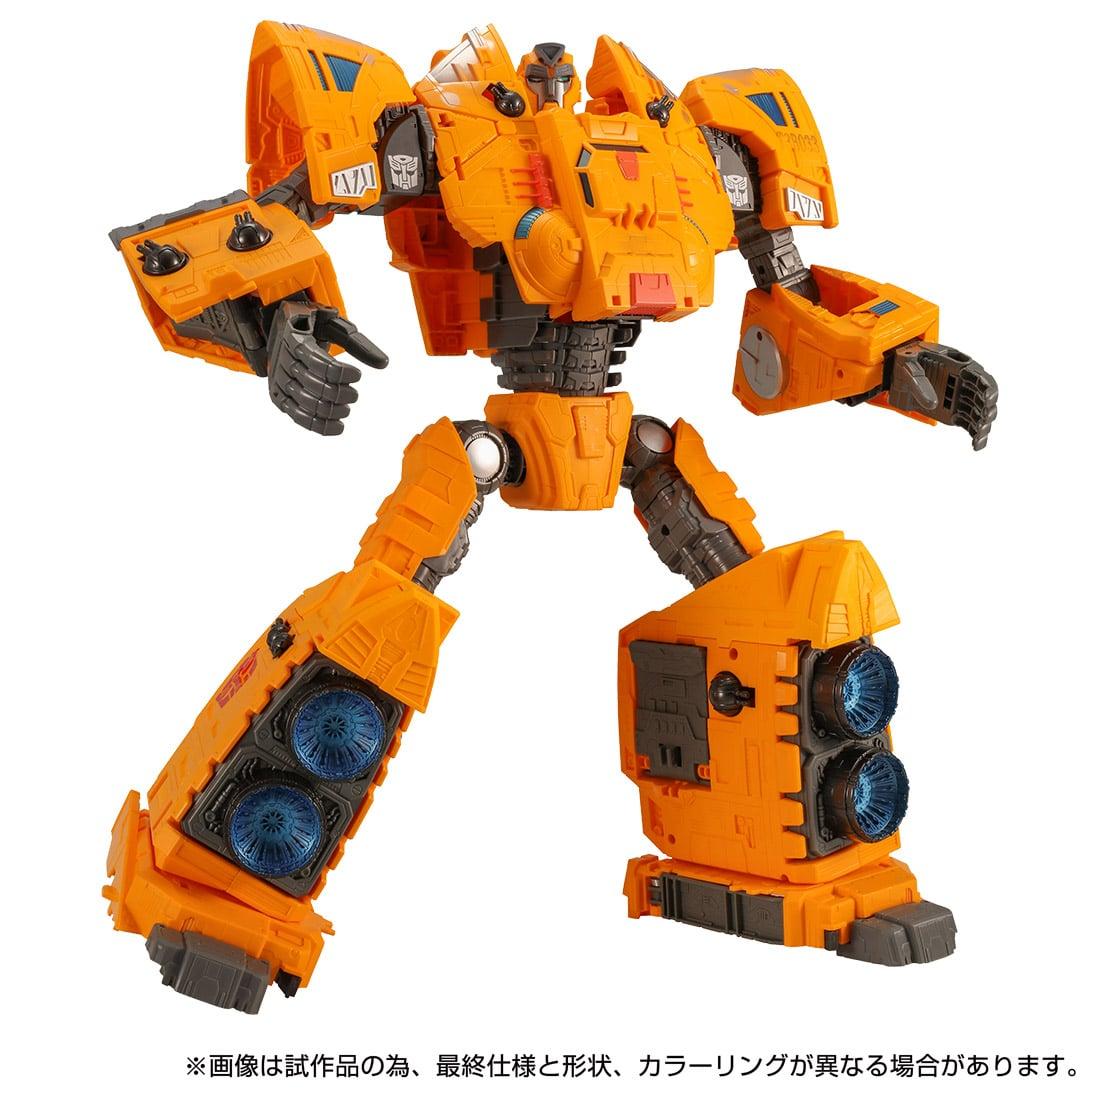 【限定販売】トランスフォーマー キングダム『KD EX-09 オートボットアーク』可変可動フィギュア-001